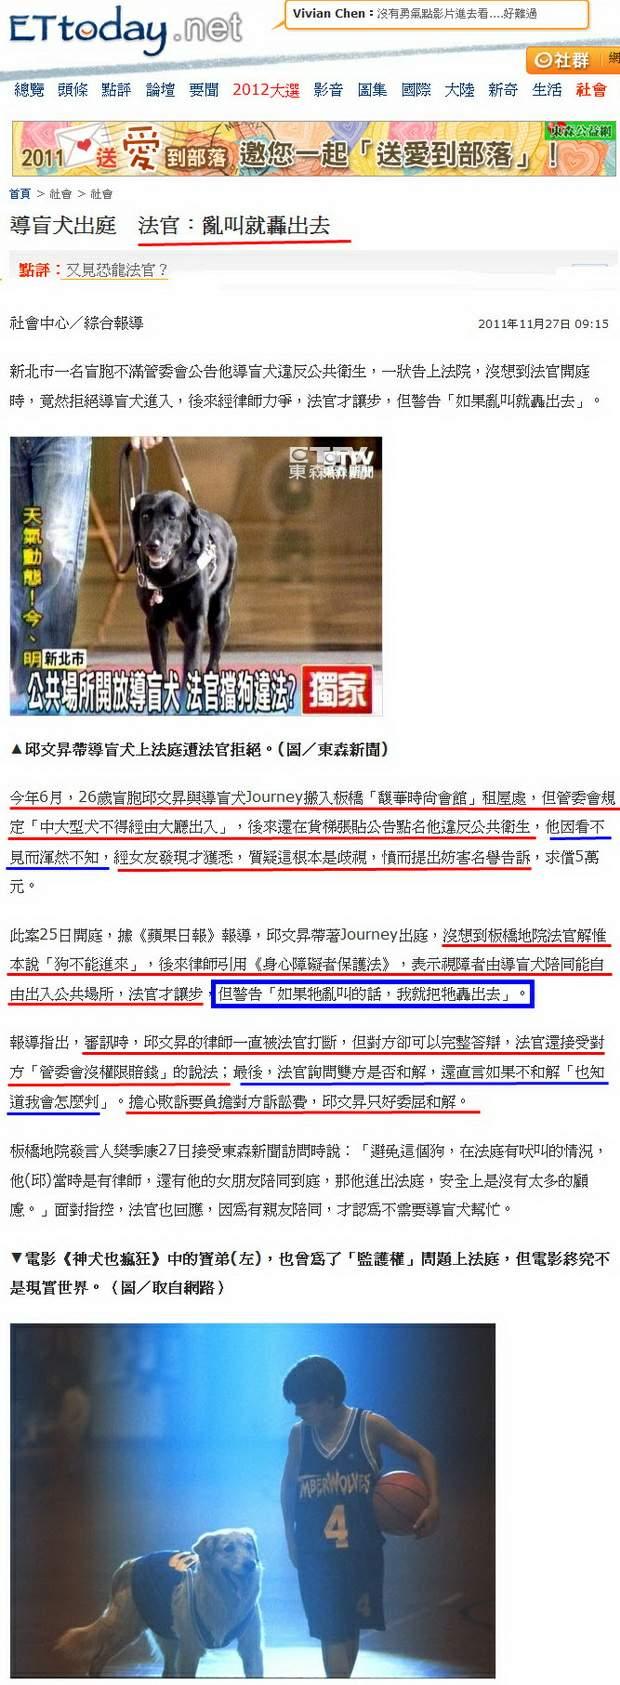 導盲犬出庭 法官:亂叫就轟出去-2011.11.27.jpg